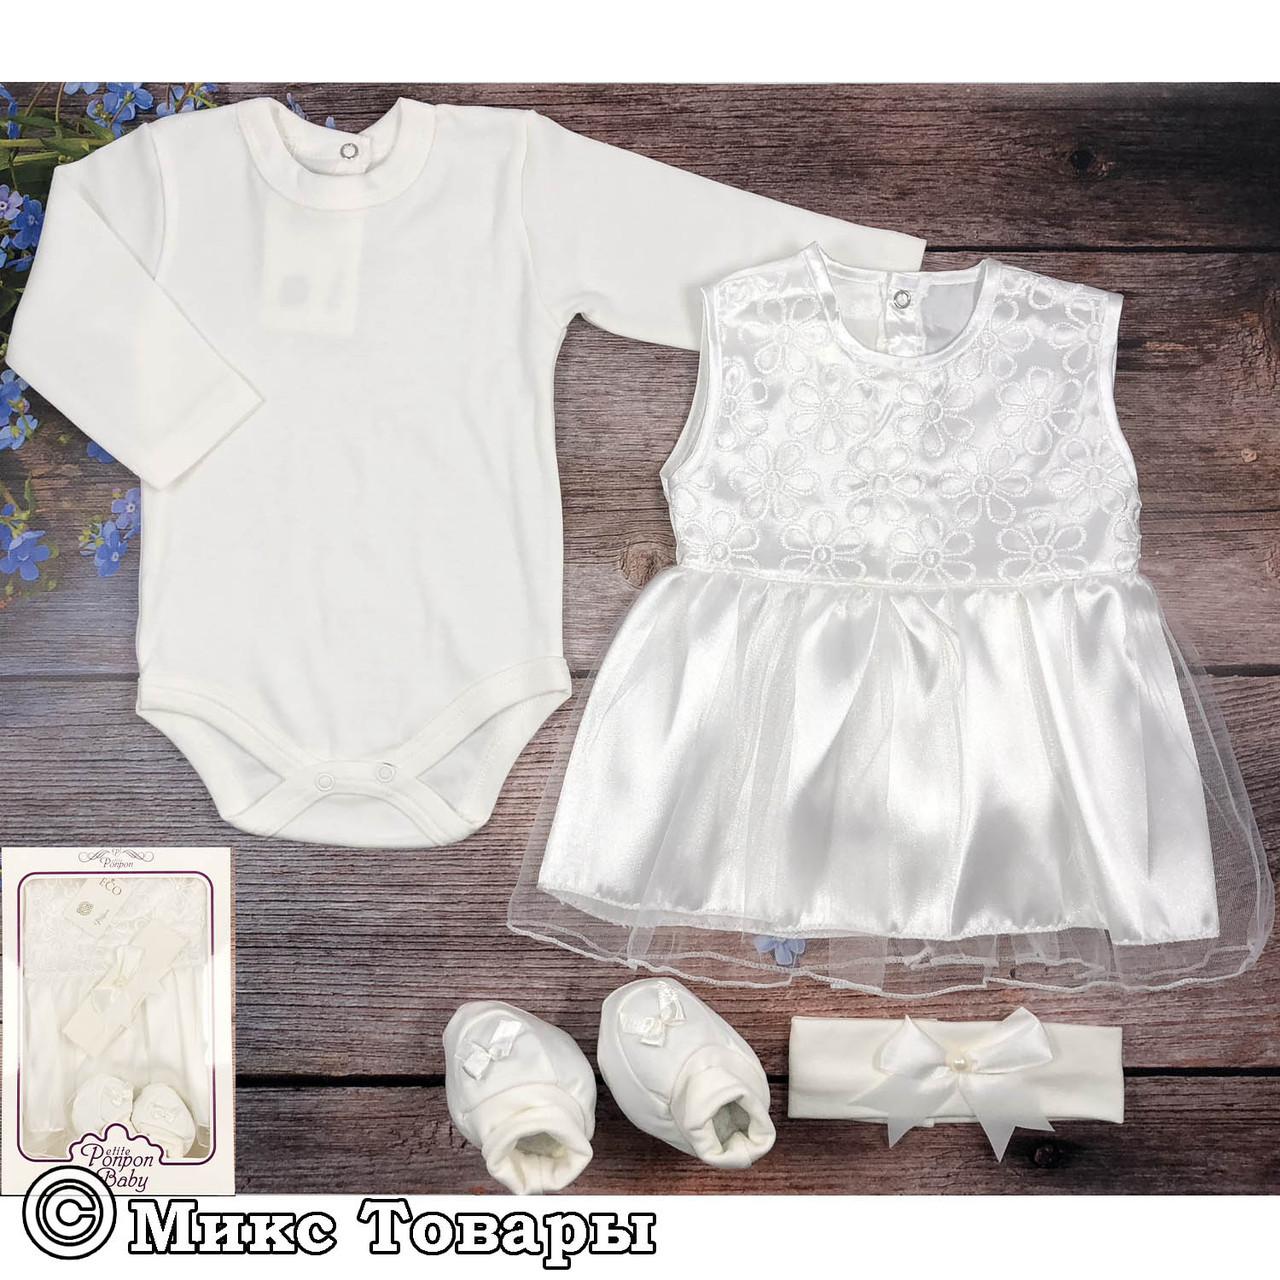 Крестильный комплект молочного цвета для девочки Размеры: 0-3 месяцев (6901)